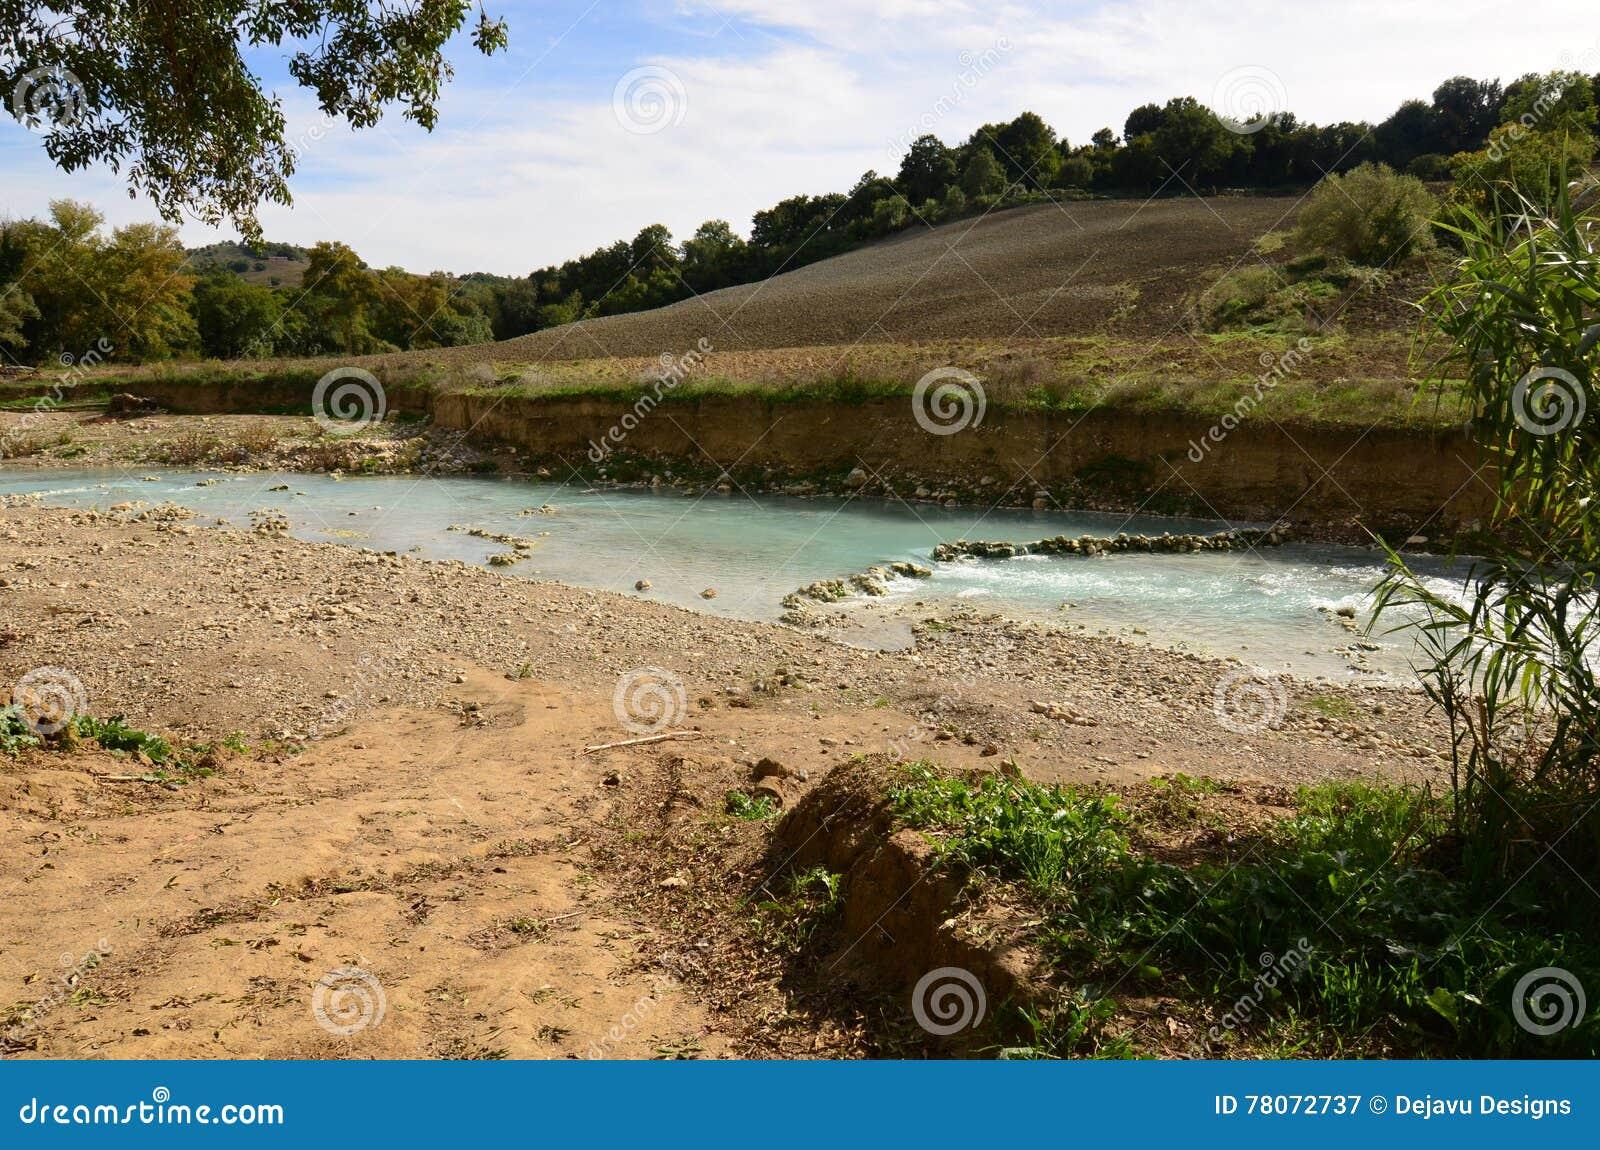 Baño Termal | Bano Termal Del Saturnia En Toscana Imagen De Archivo Imagen De